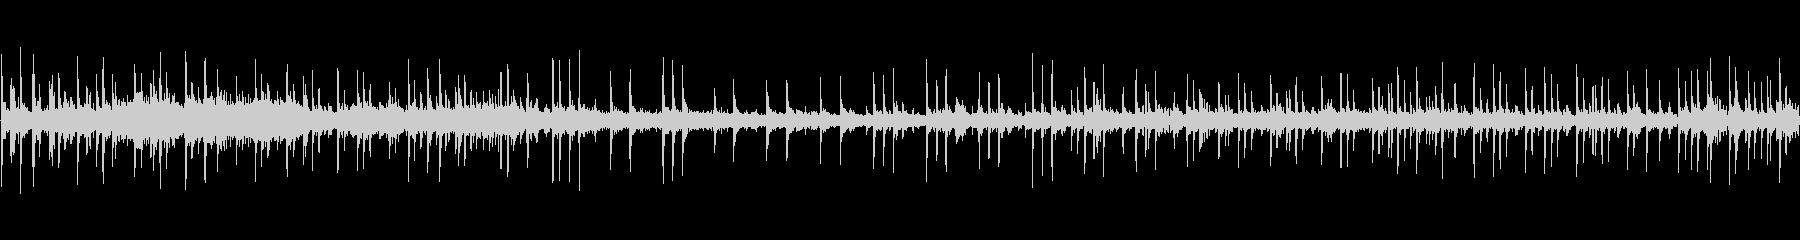 ドラム-ストリートミュージシャン-...の未再生の波形